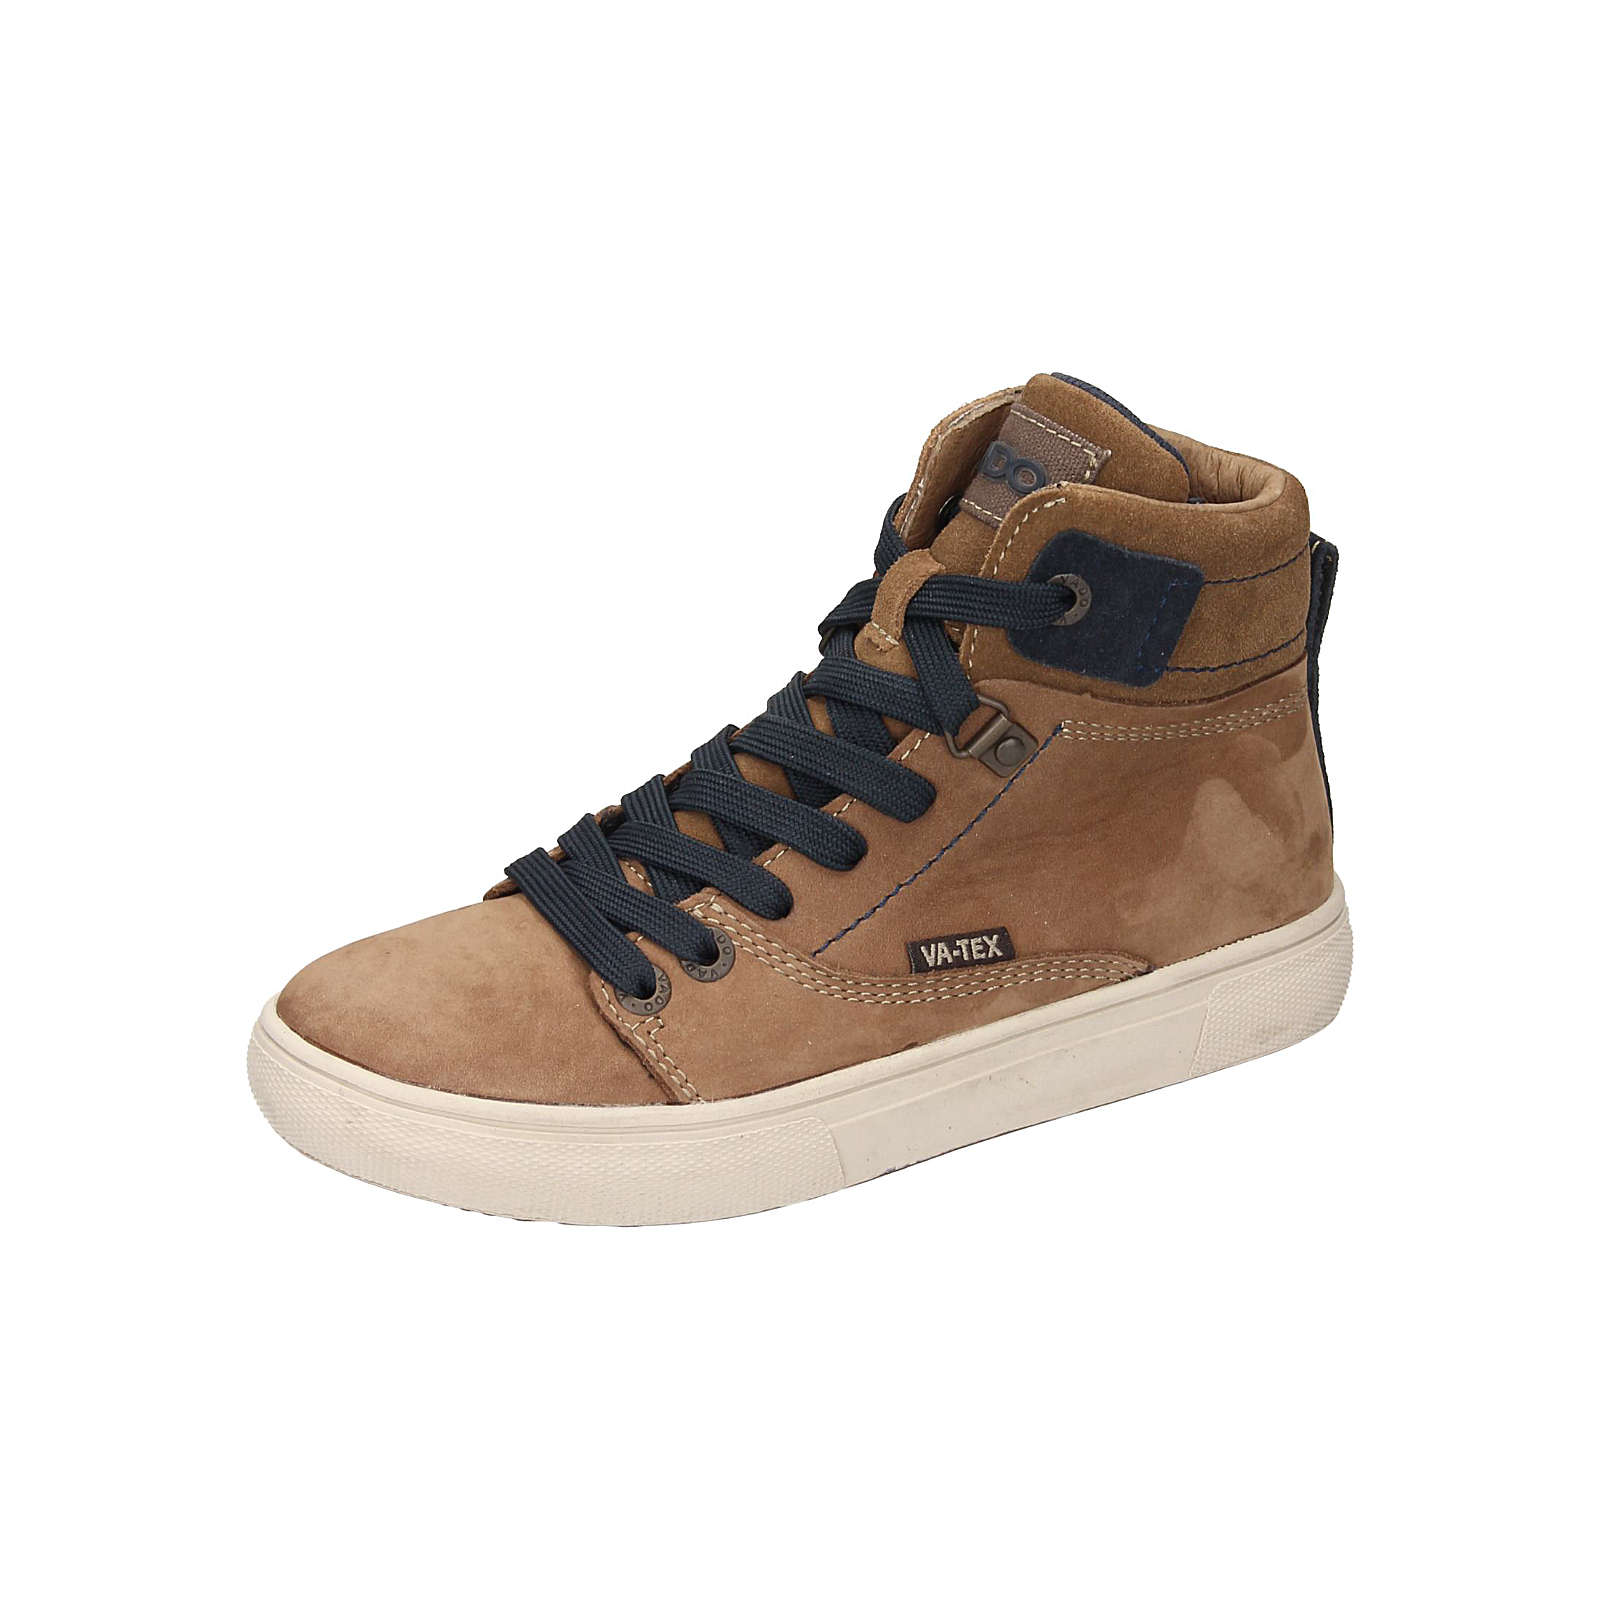 VADO Sneakers High für Jungen braun Junge Gr. 36